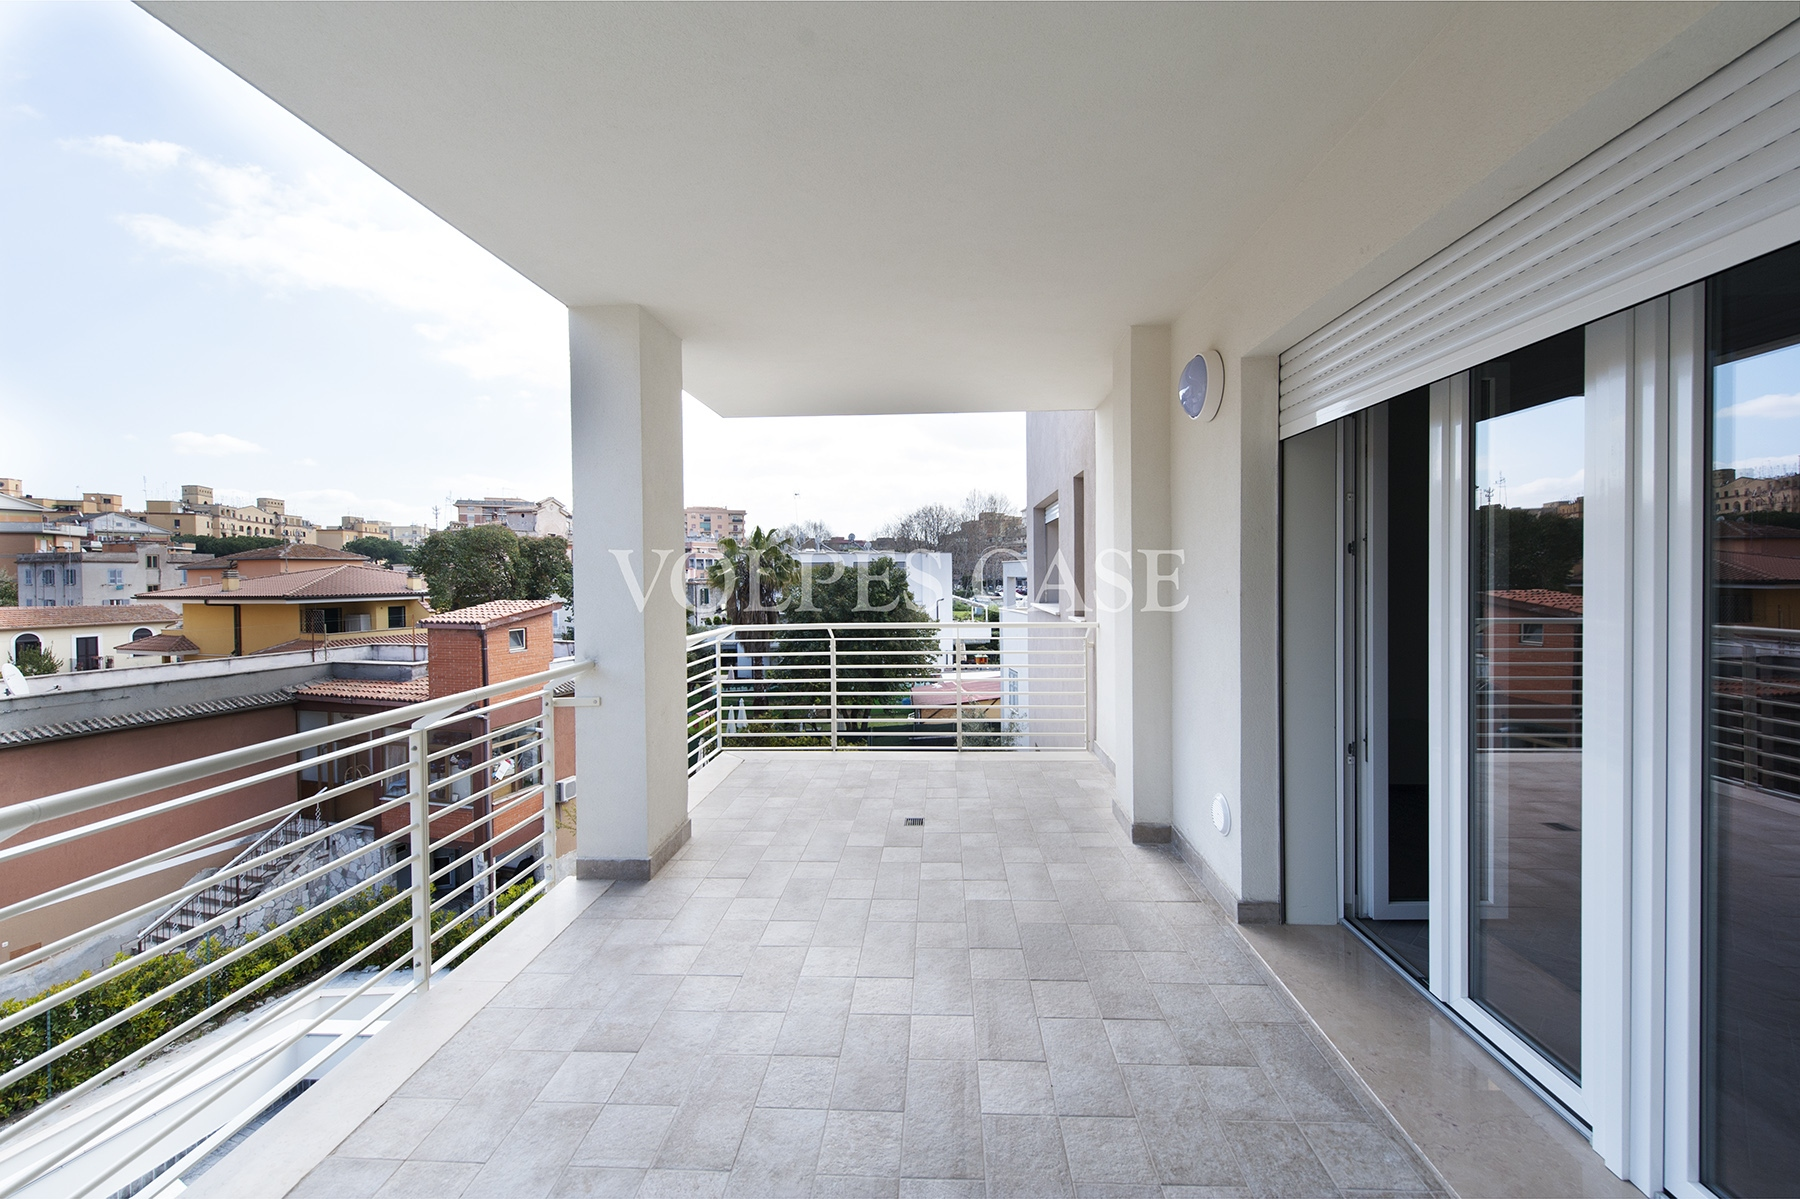 Appartamento in affitto a roma cod v45 3475 for Affitto appartamento roma privati